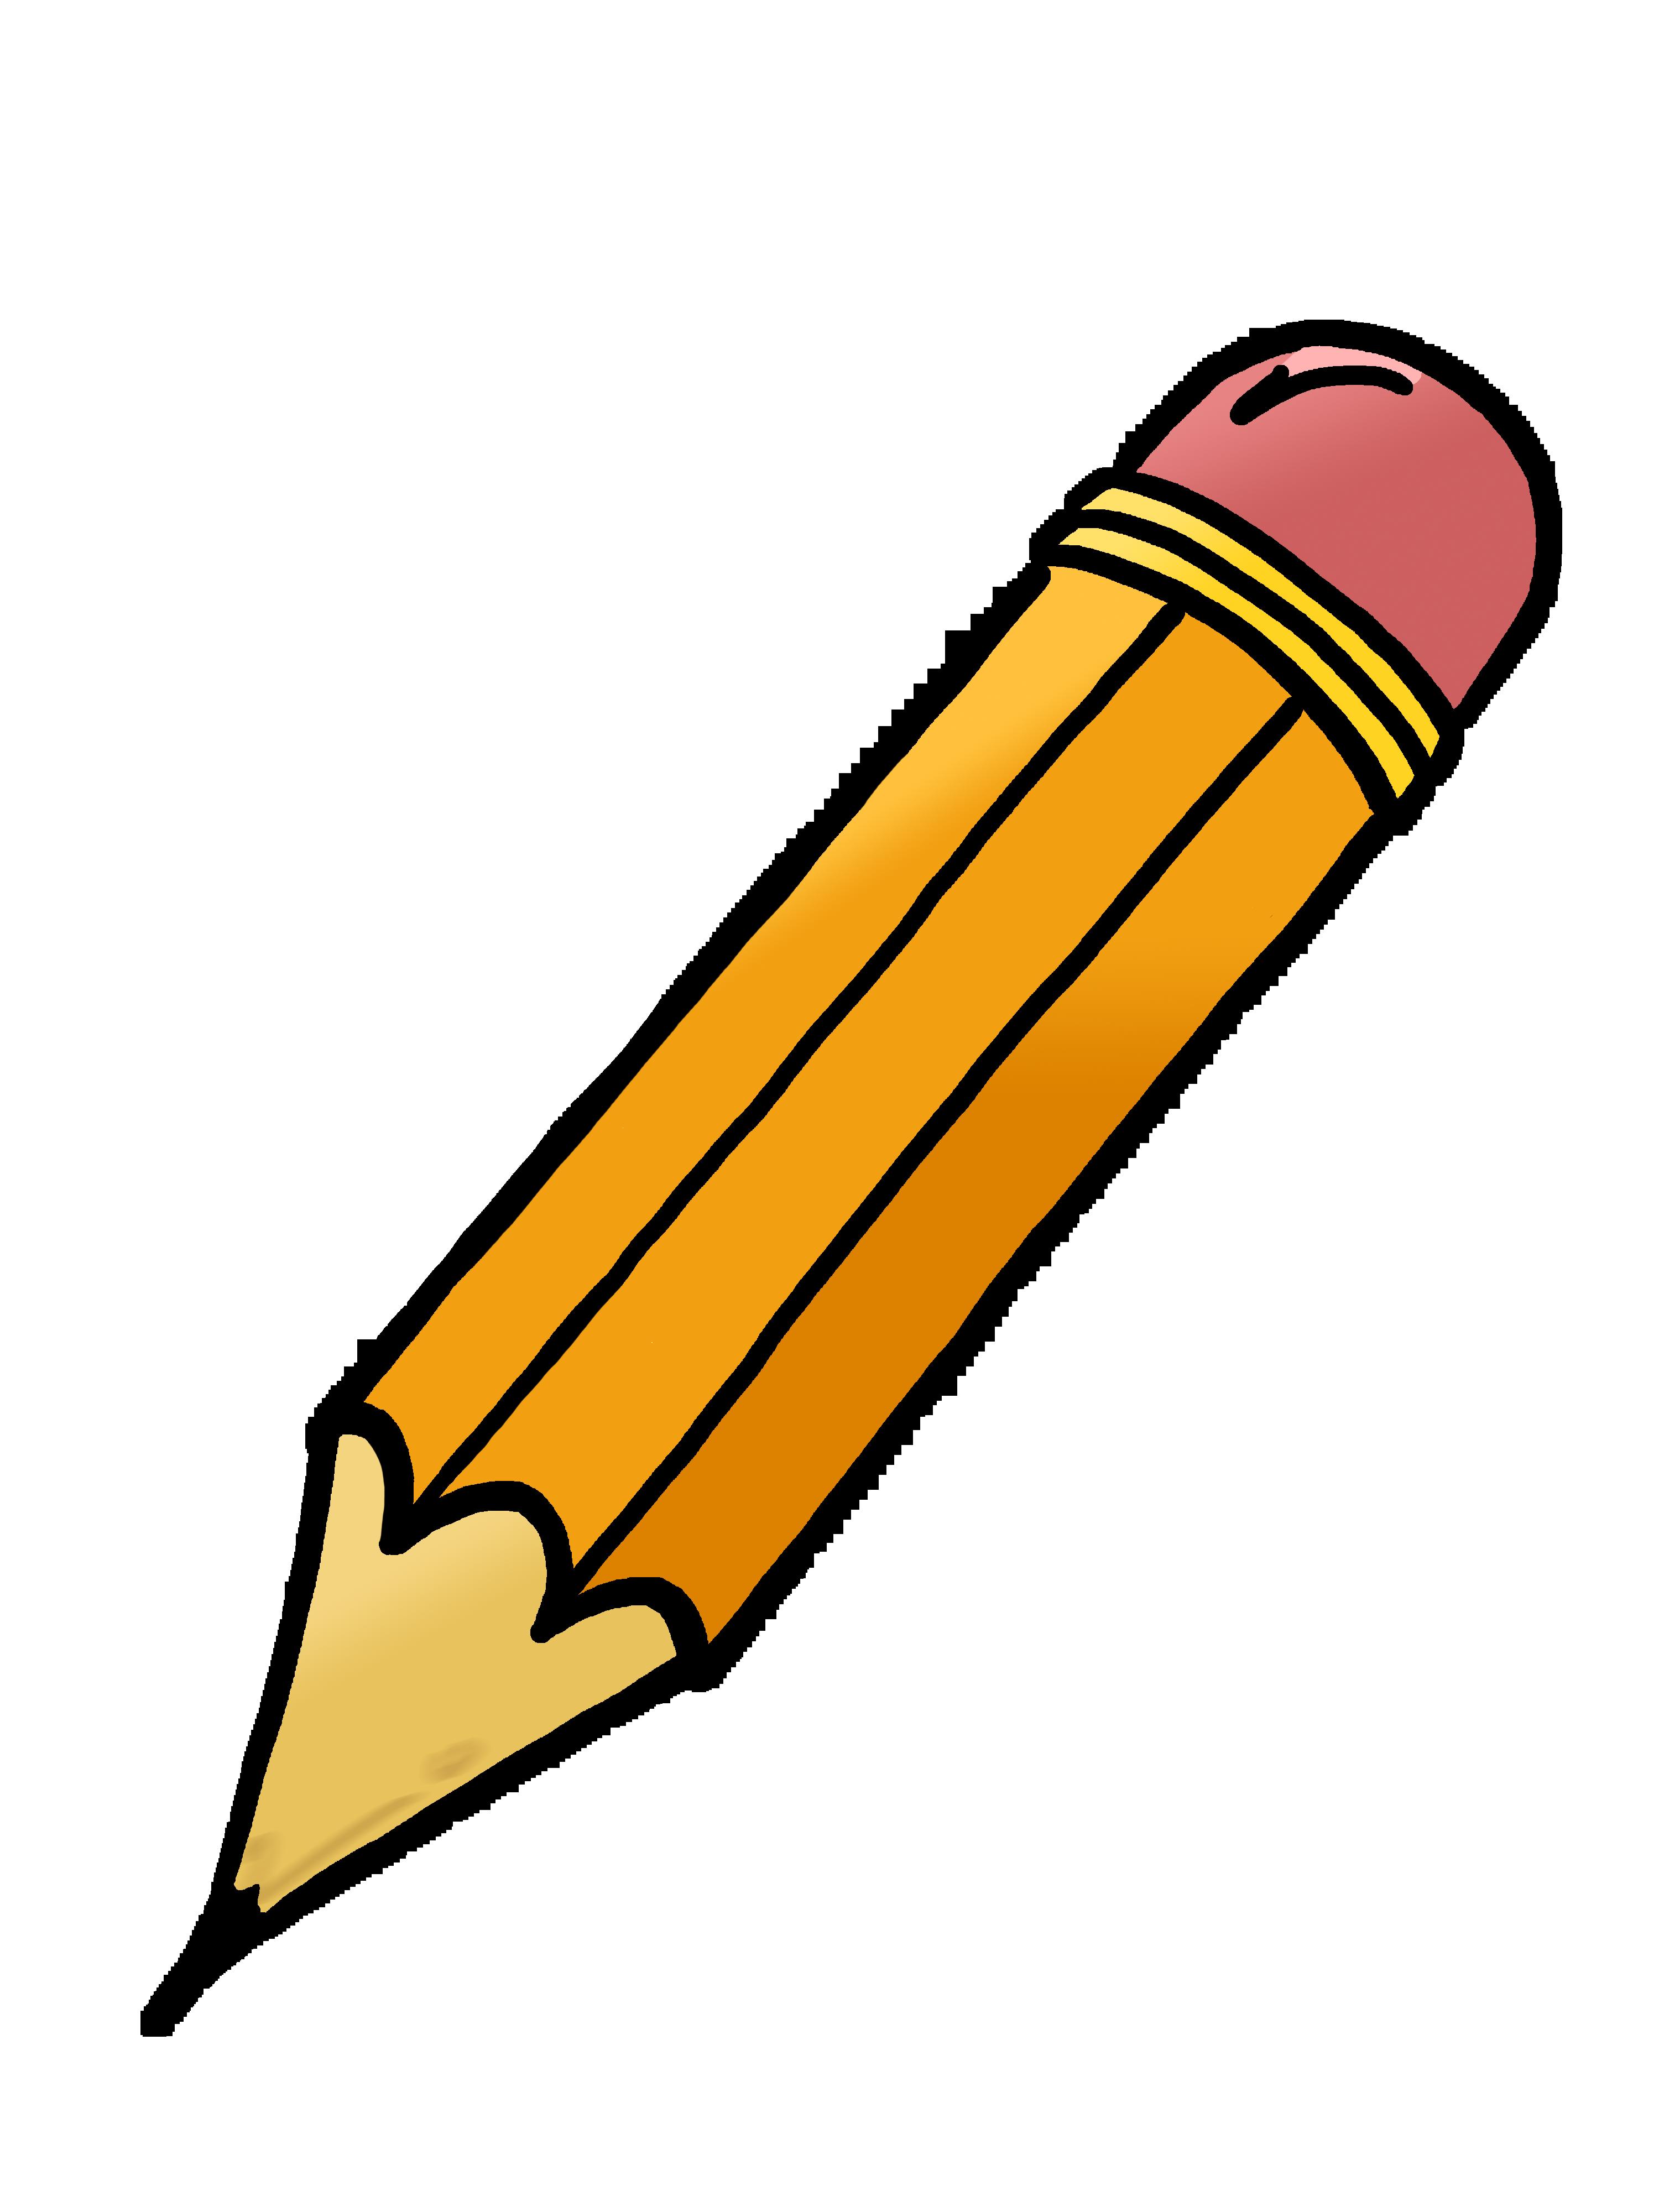 3000x4000 Pencil And Paper Clip Art